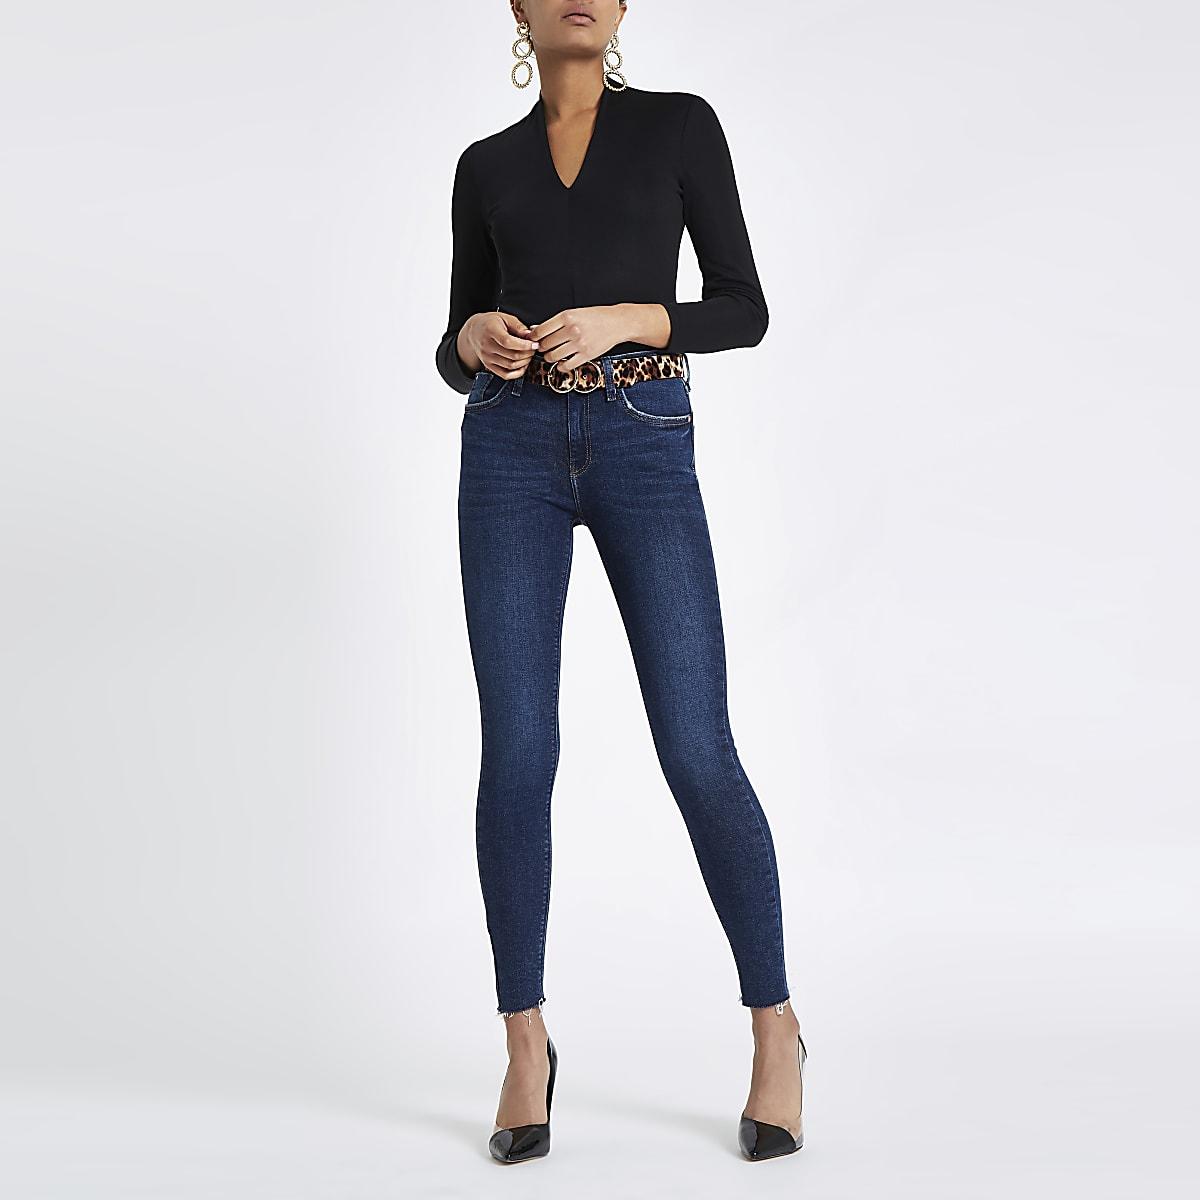 Black V neck fitted long sleeve bodysuit